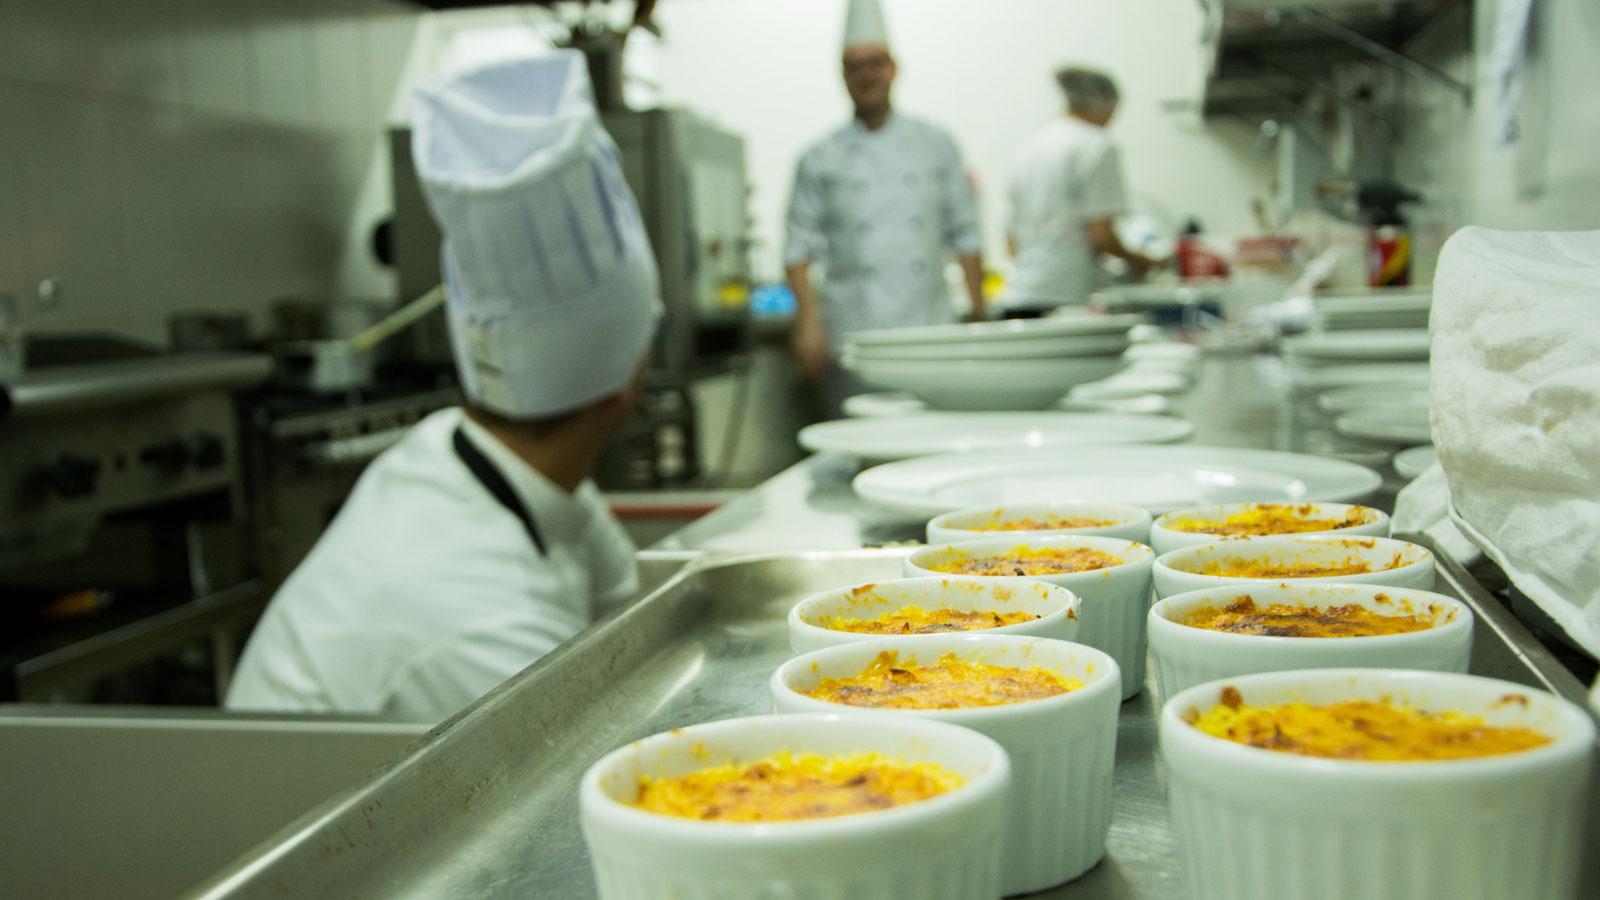 Ramekins in restaurant kitchen